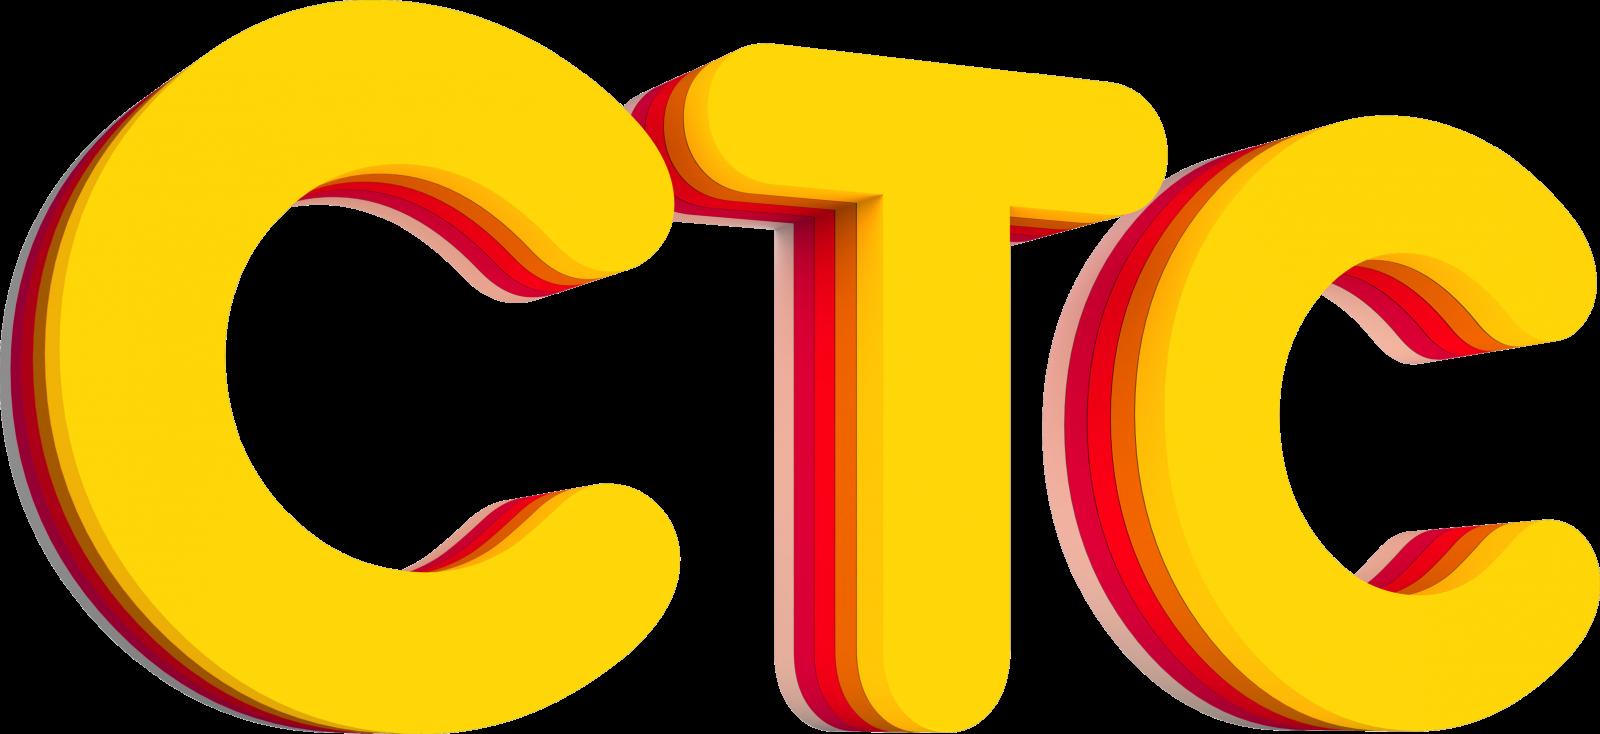 Тв канал порно онлайн смотреть бесплатно прямой эфир 13 фотография